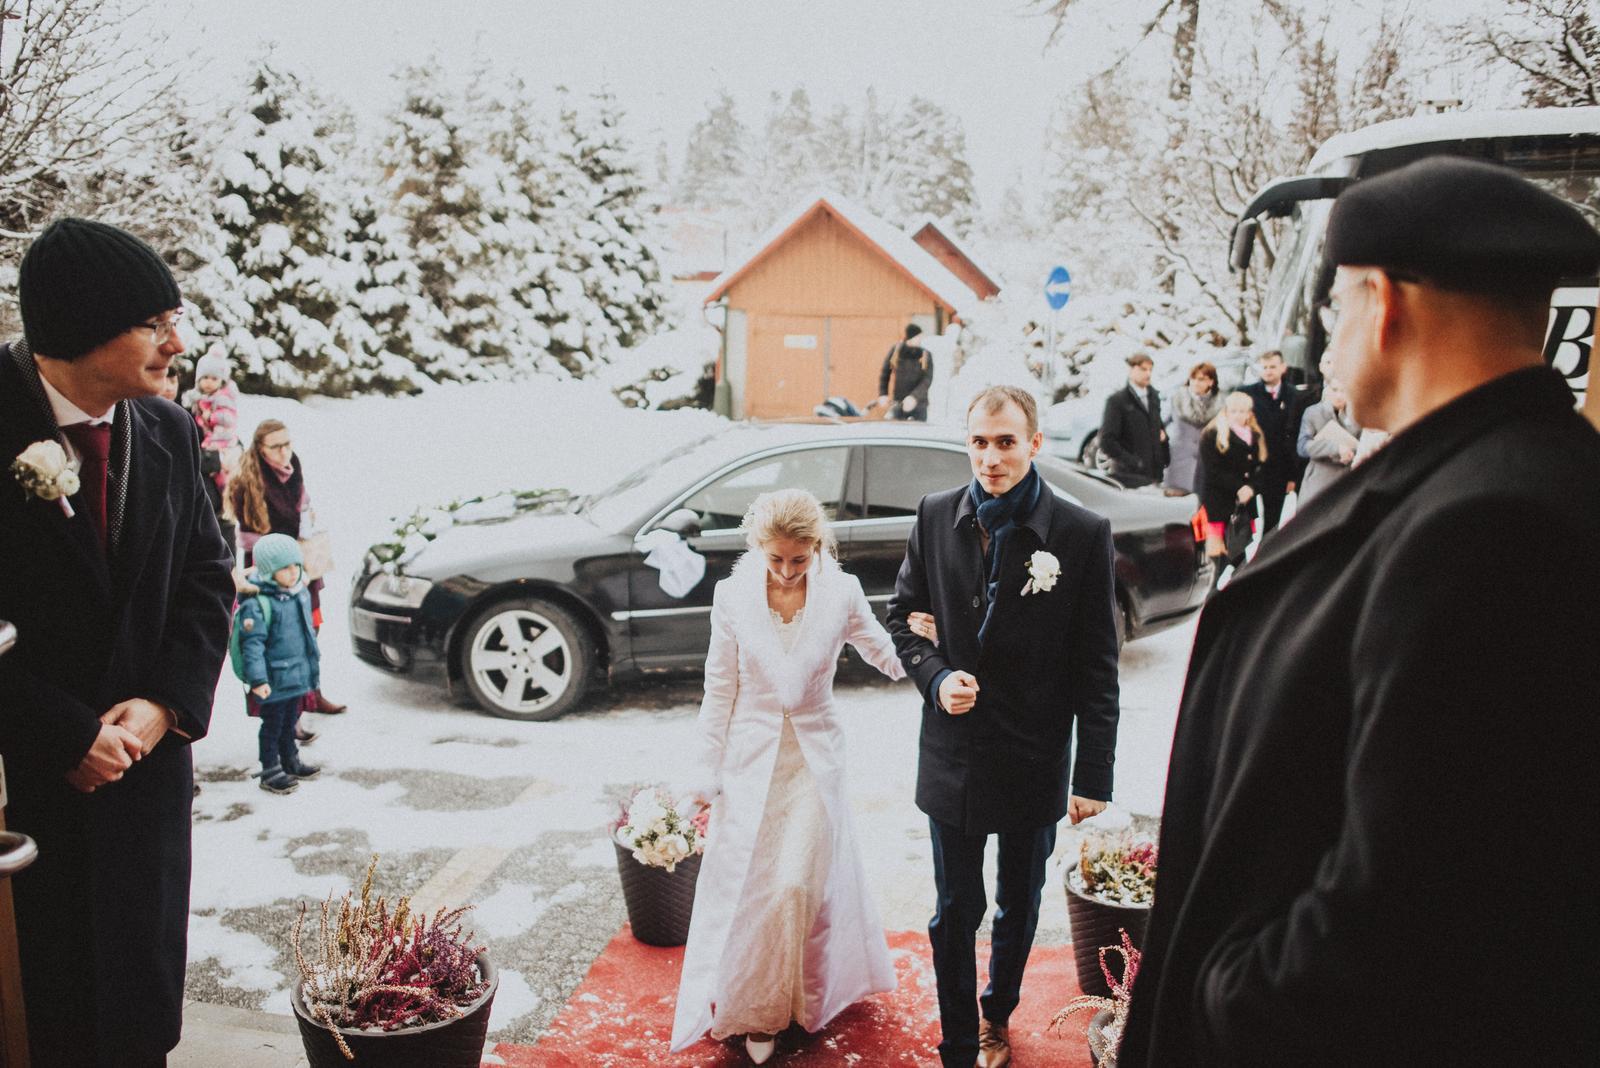 Tatranská zimná svadba - moji dvaja tatkovia otvárajú dvere do sály. výnimočné foto.